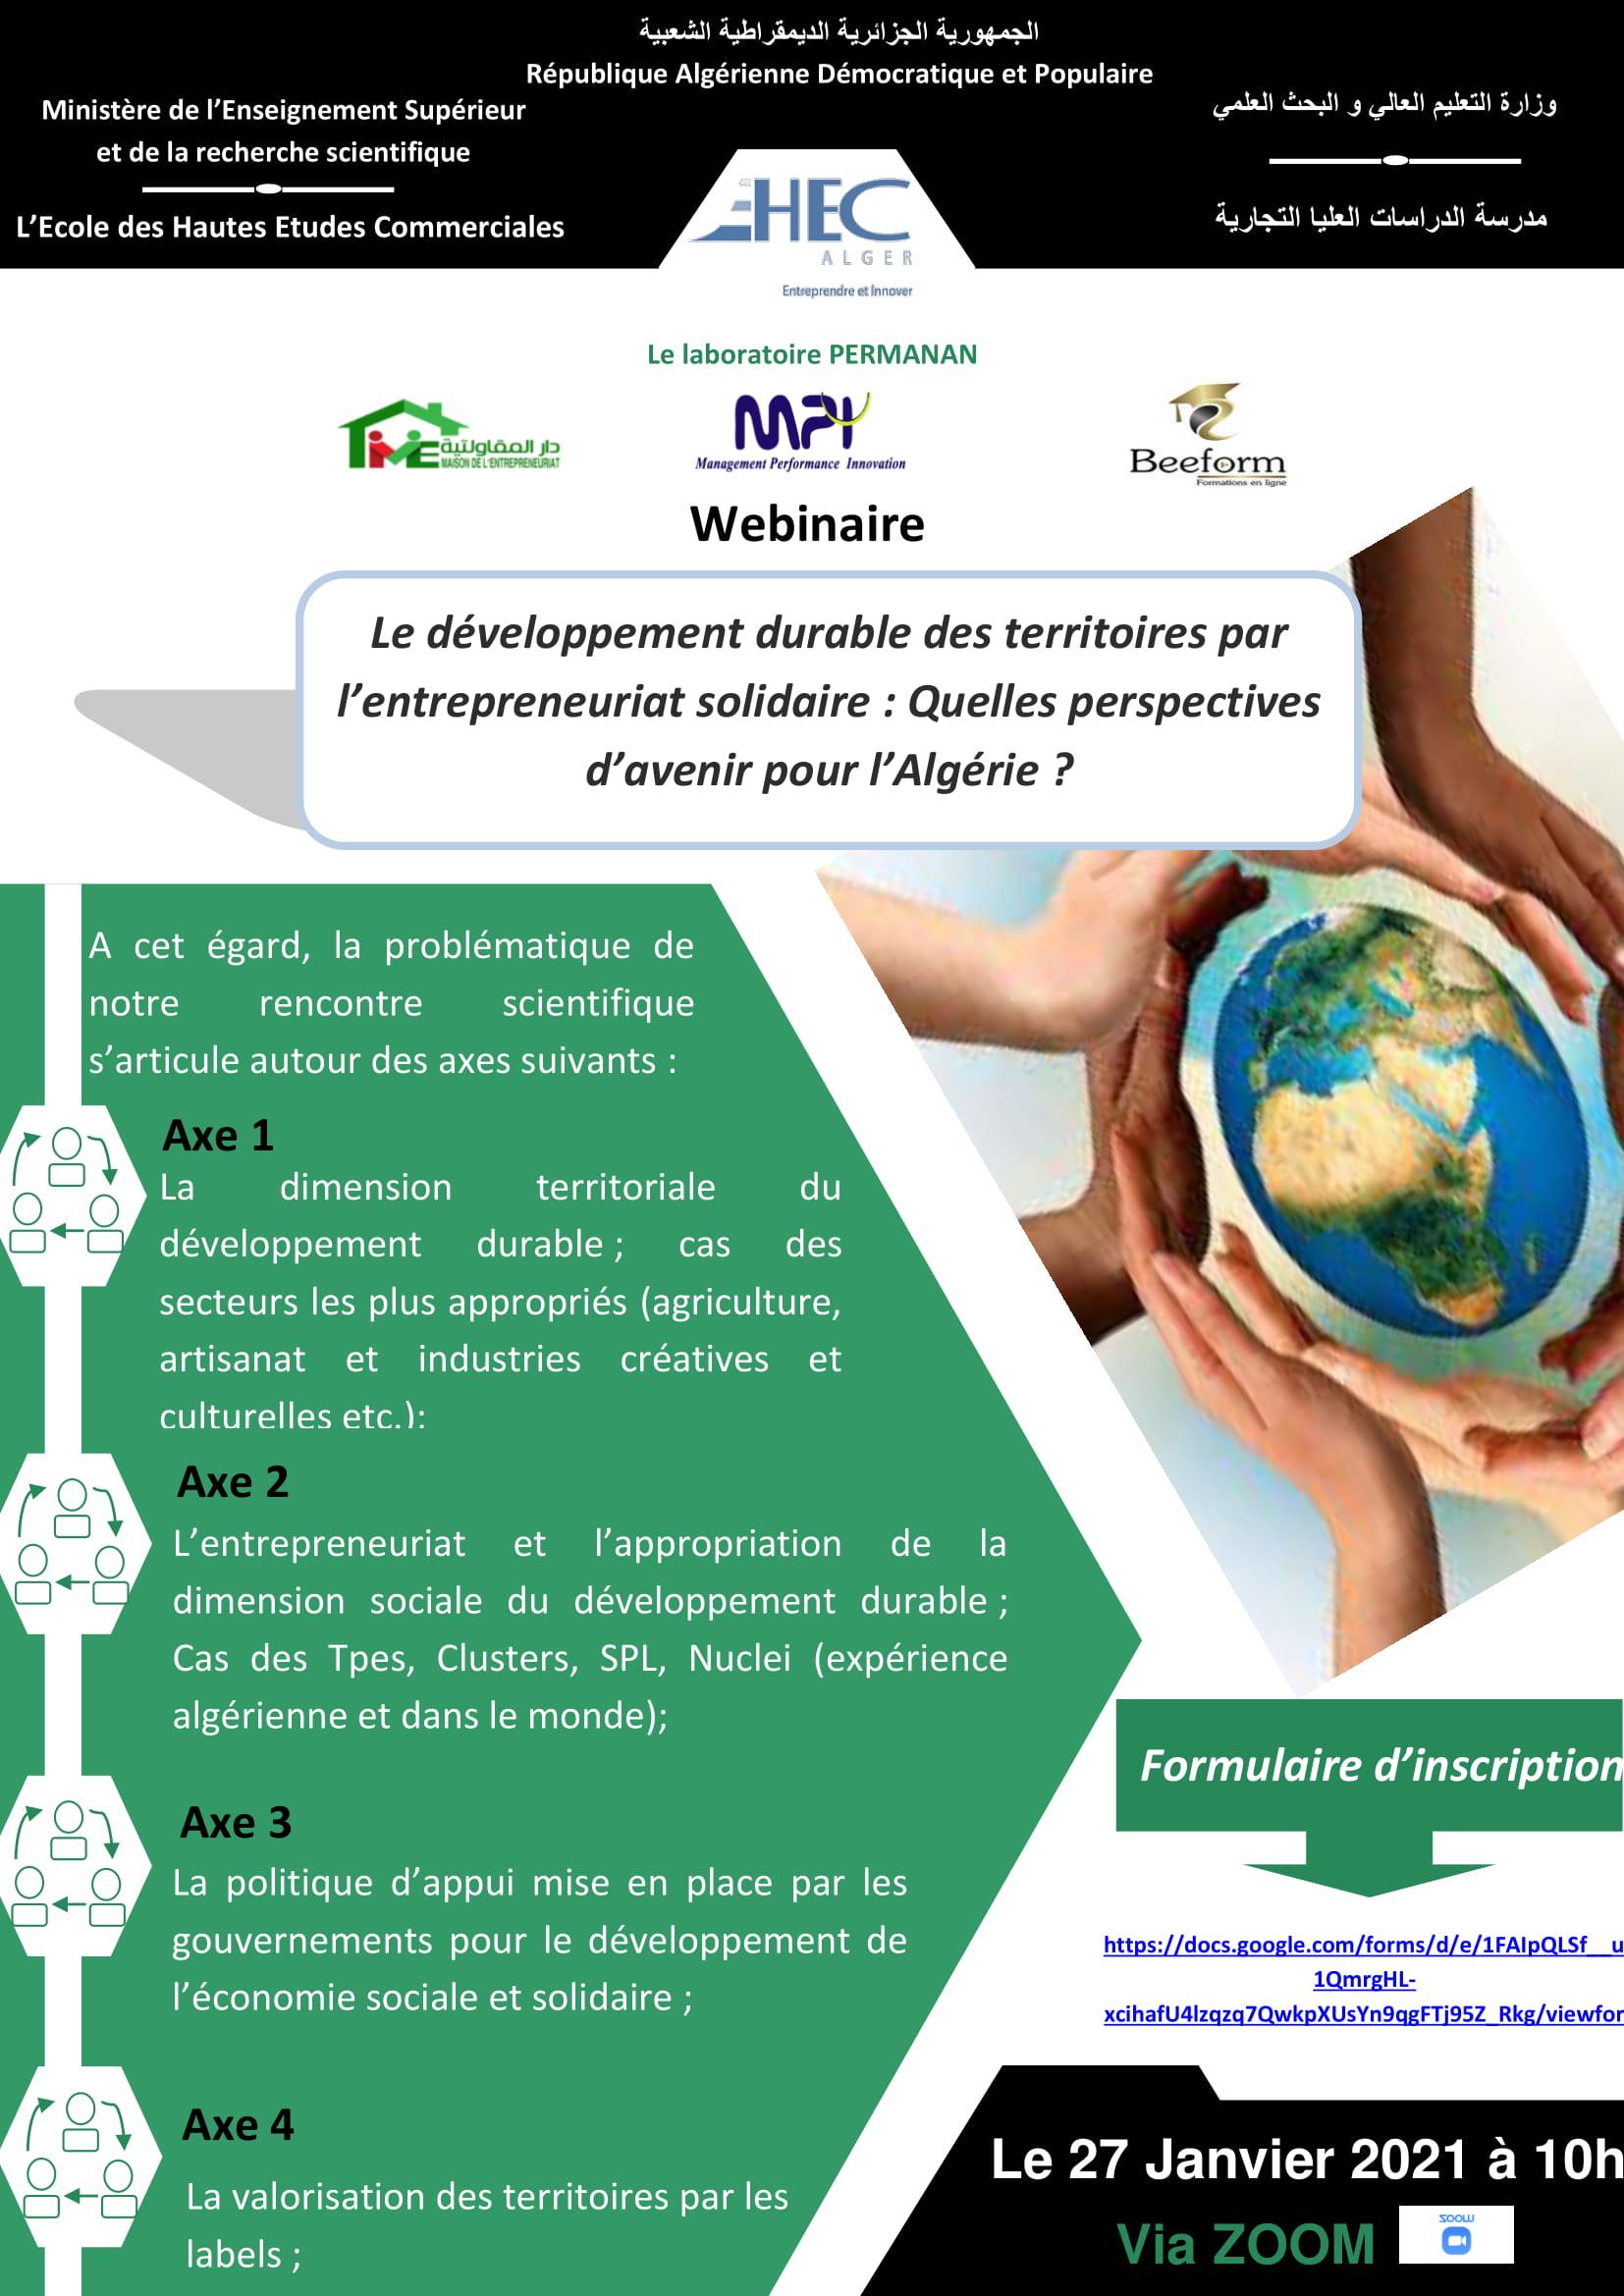 Webinaire : Le développement durable des territoires par l'entrepreneuriat solidaire : Quelles perspectives d'avenir pour l'Algérie ?